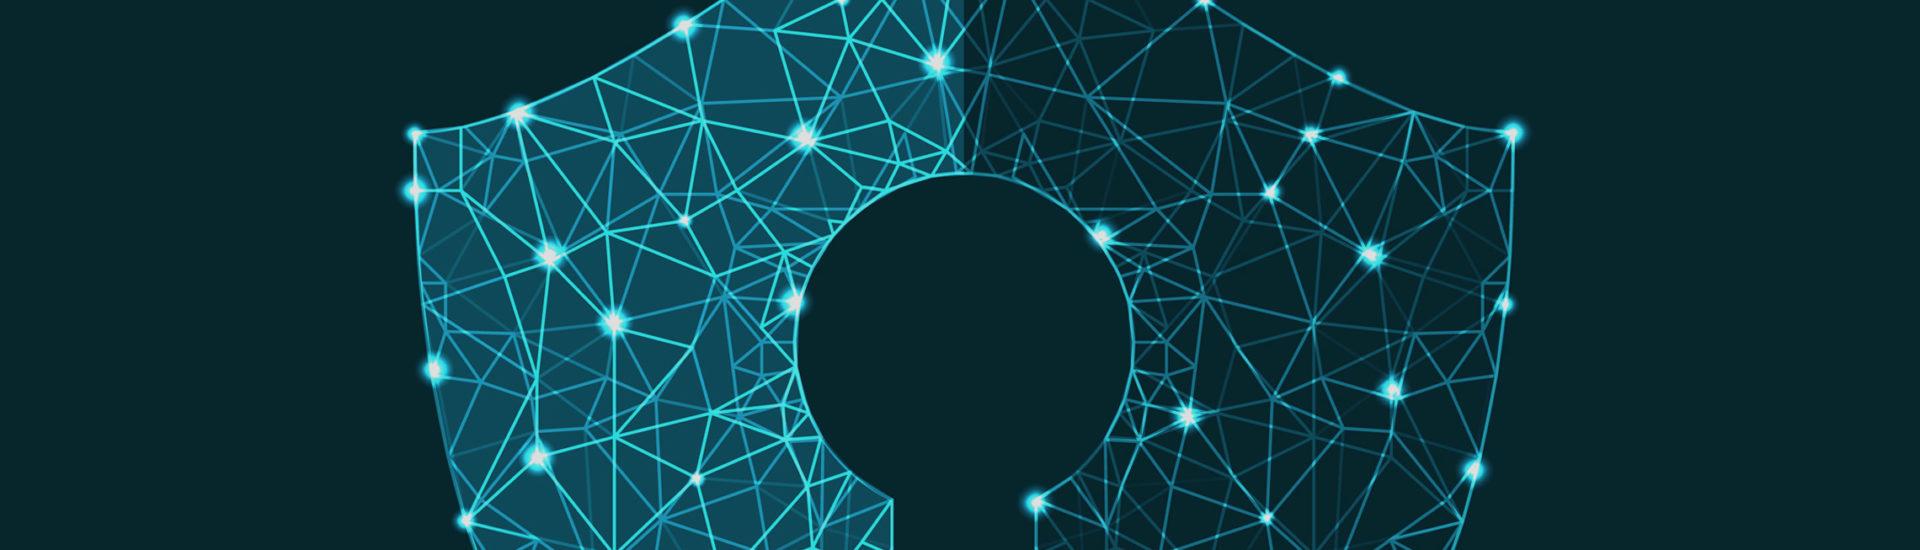 """Curso APFISIO   Novo """"Regulamento Geral sobre a Protecção de Dados"""" (RGPD) – Módulo 1"""